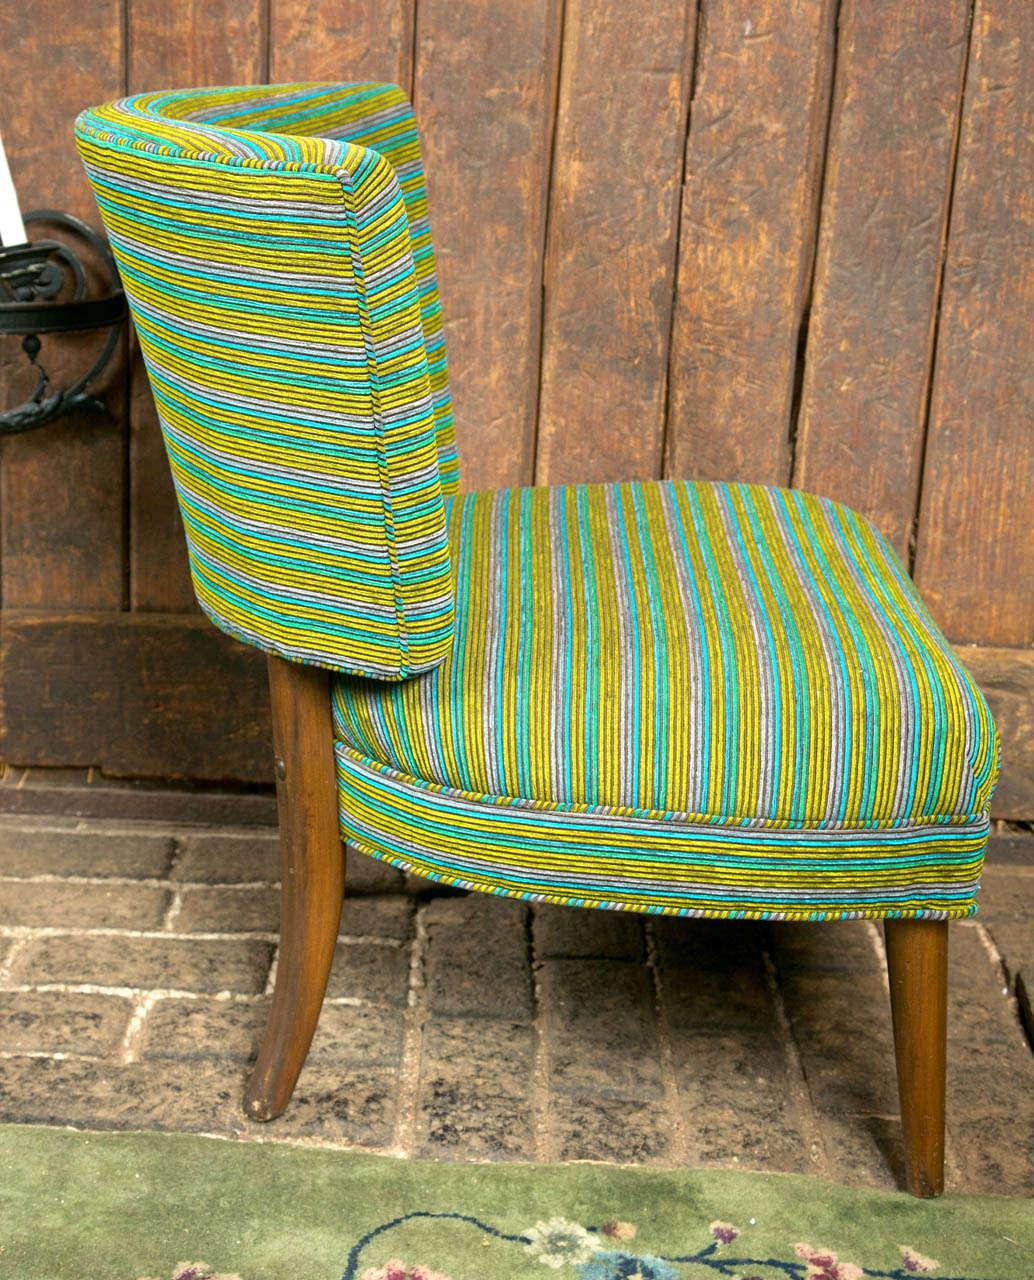 American Midcentury Modern Slipper Chair For